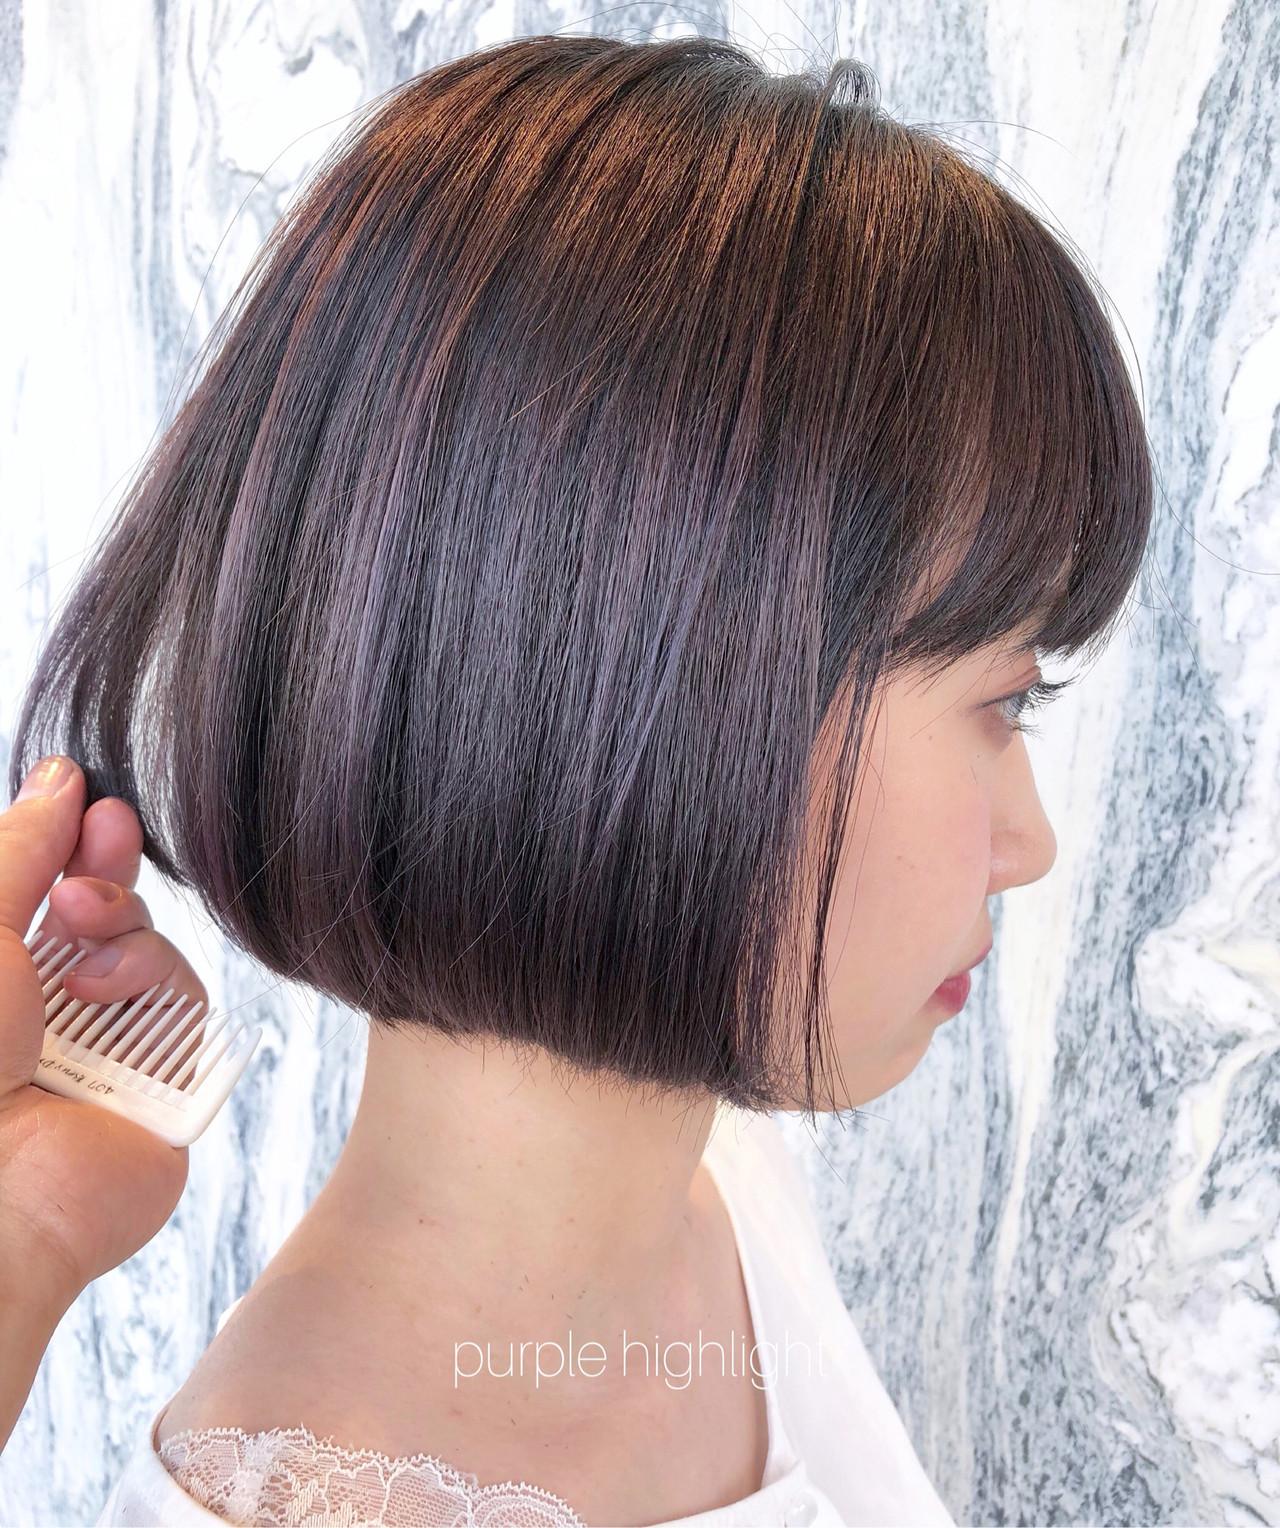 ラベンダーアッシュ パープルアッシュ ナチュラル ラベンダーカラー ヘアスタイルや髪型の写真・画像